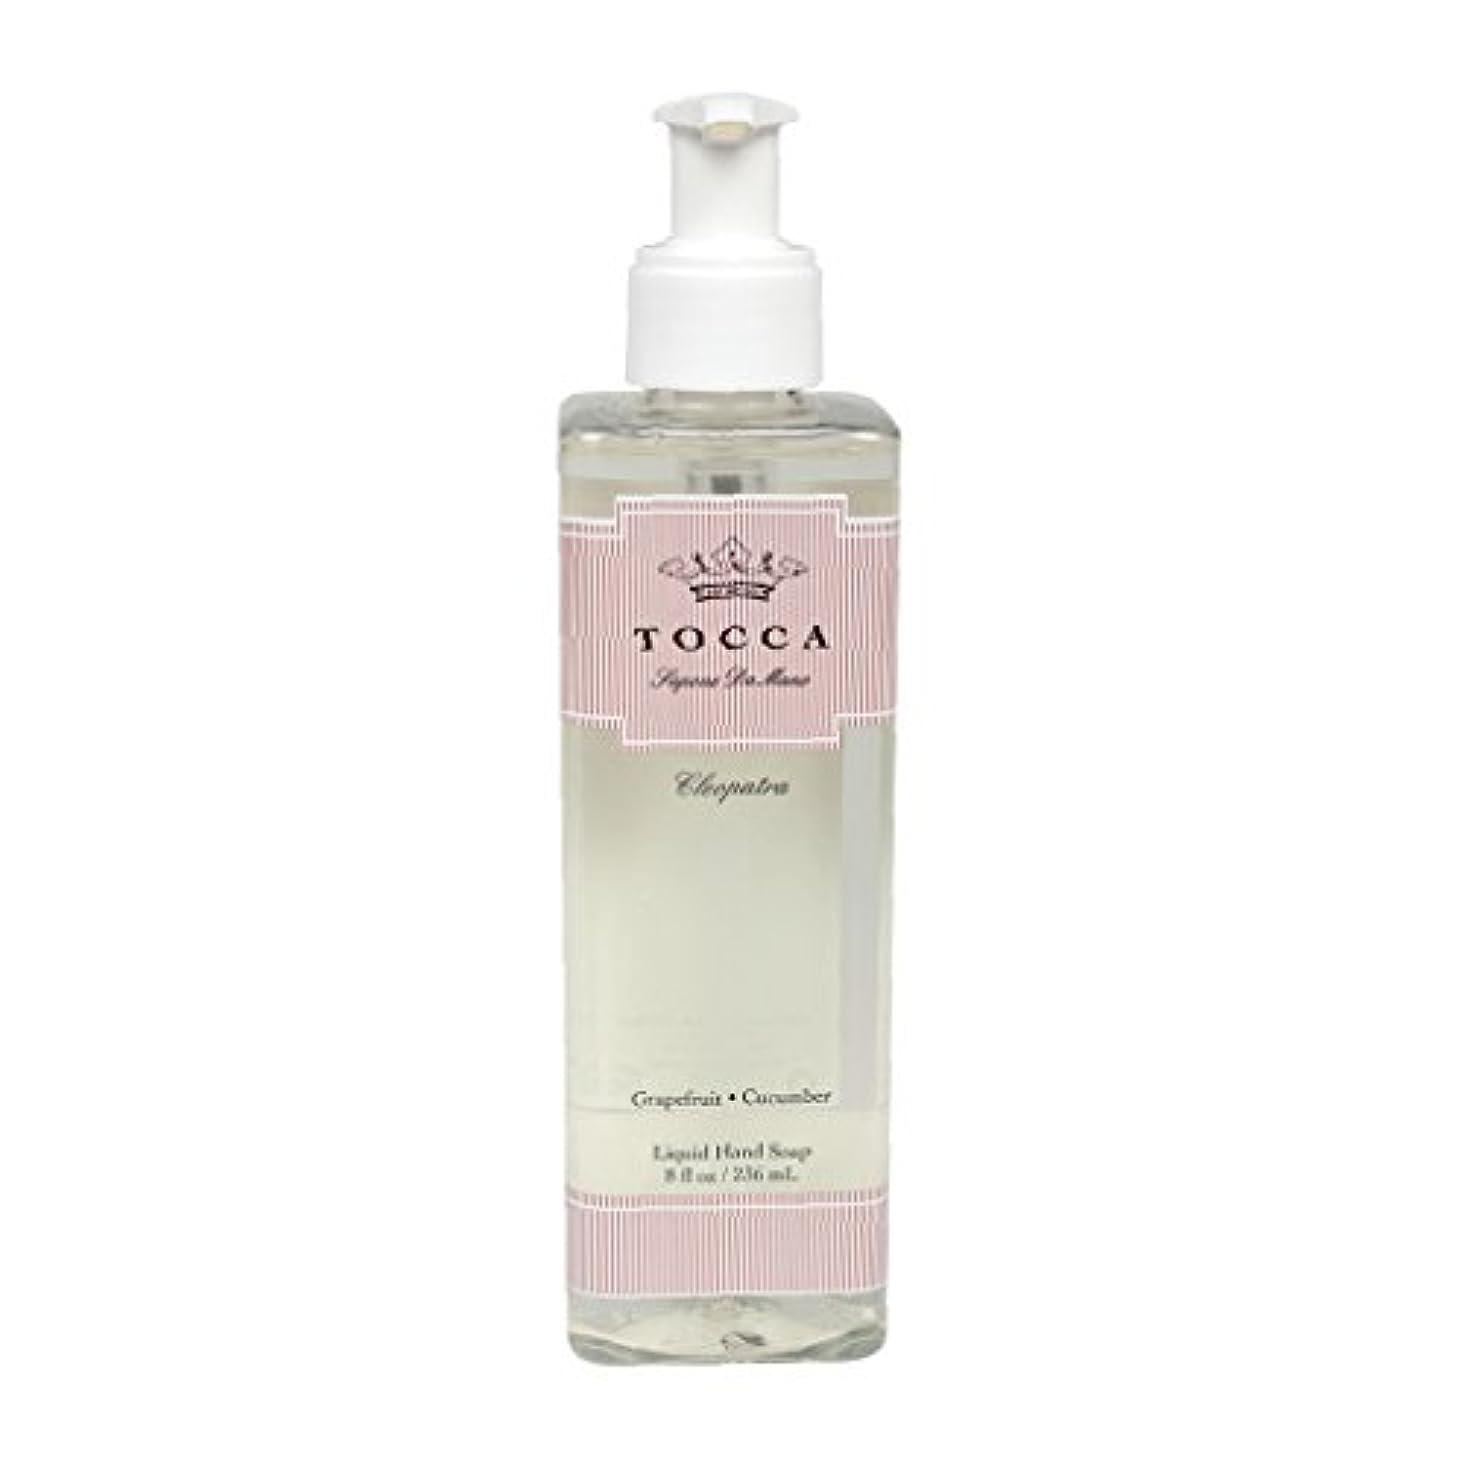 剥離幻影超えてトッカ(TOCCA) ハンドソープ クレオパトラの香り 236ml(手洗用 ポンプタイプ グレープフルーツとキューカンバーのフレッシュでクリーンな香り)